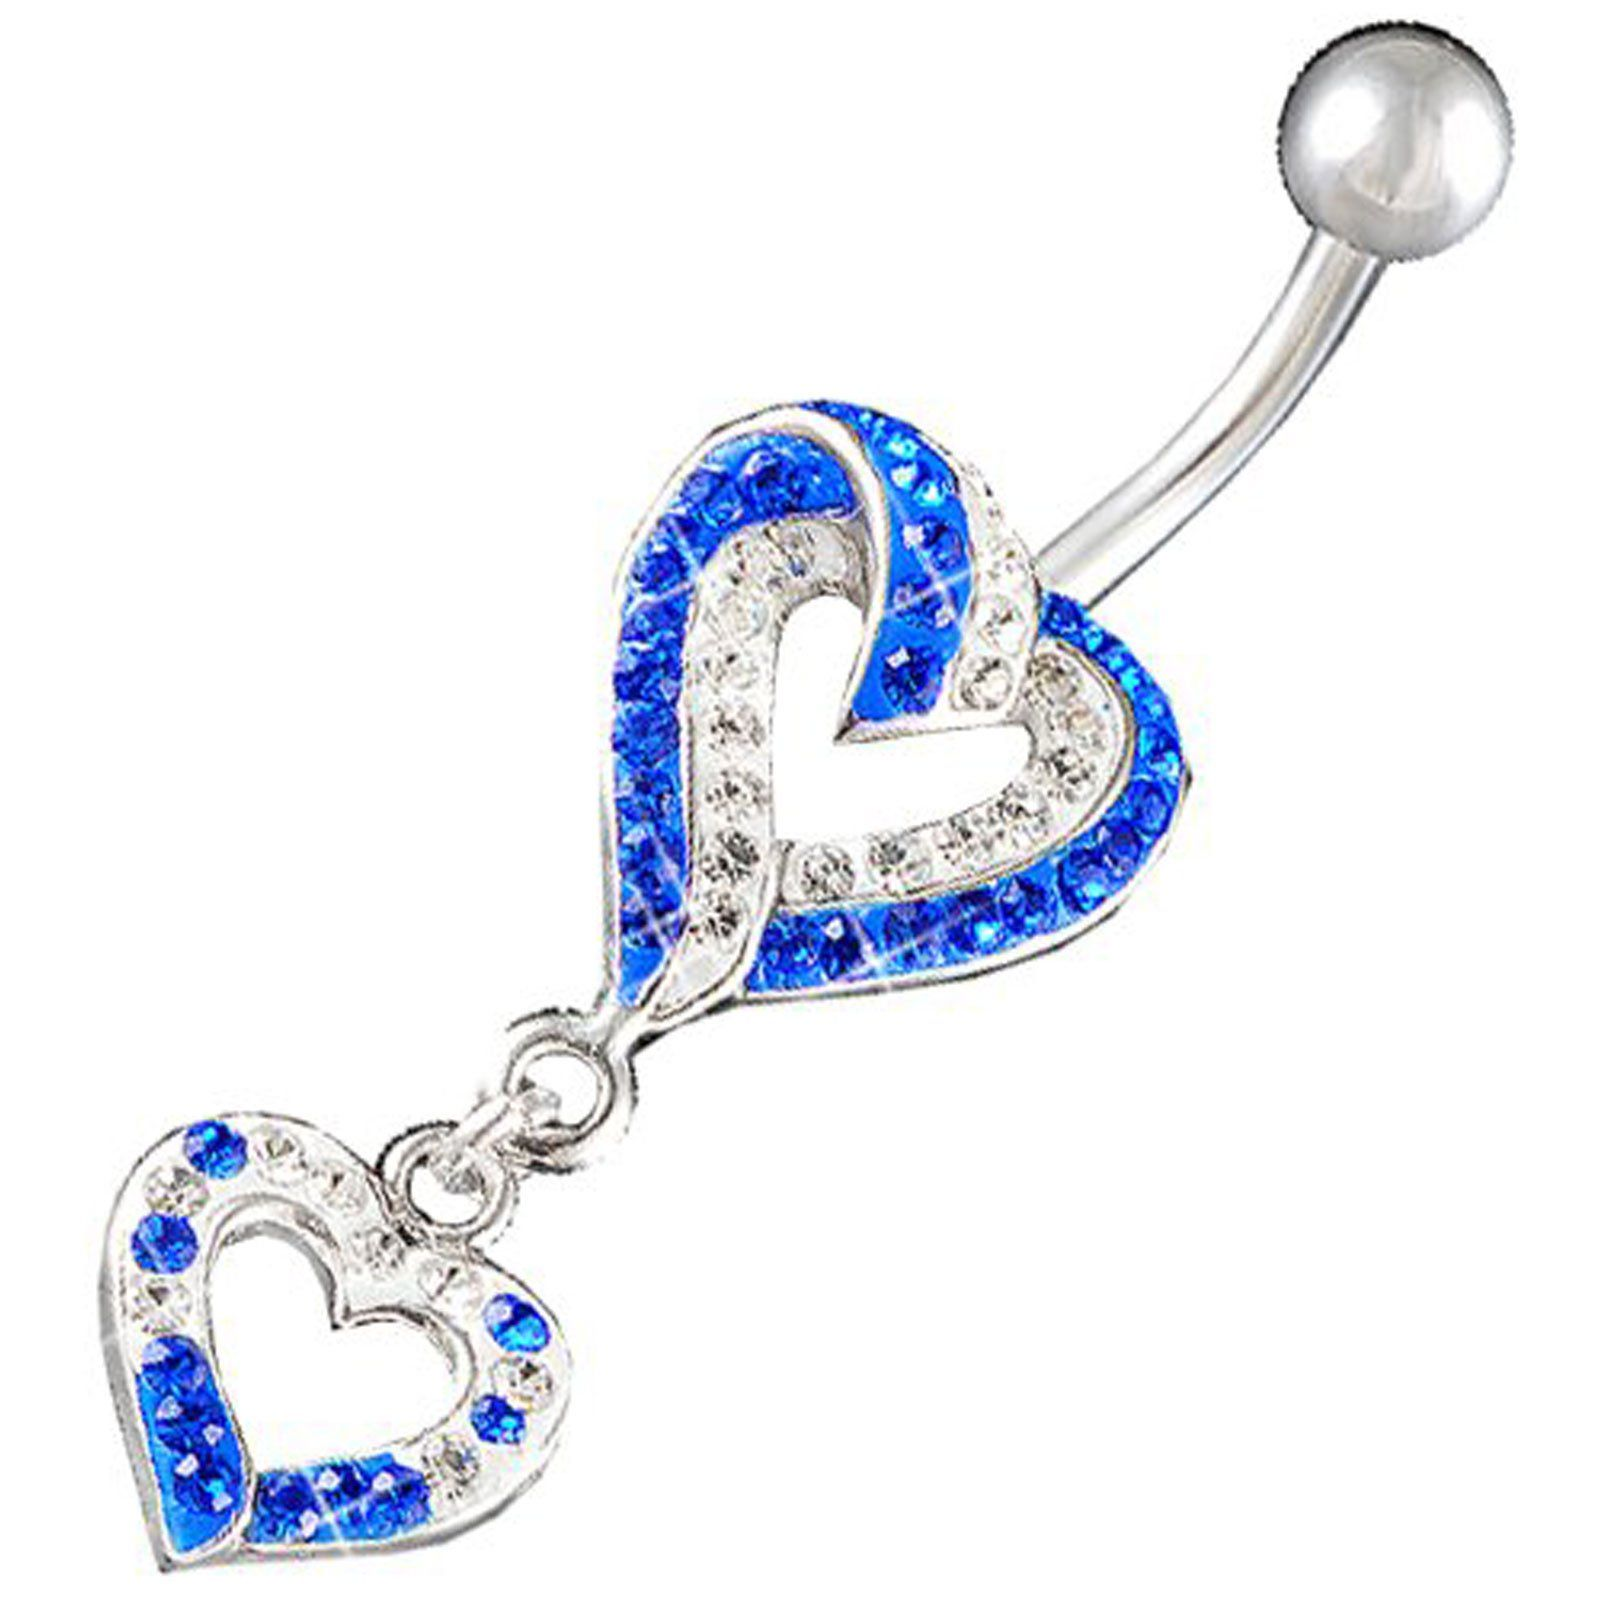 Swarovski Belly Button Rings Unique Heart Dangle Cute Pierce